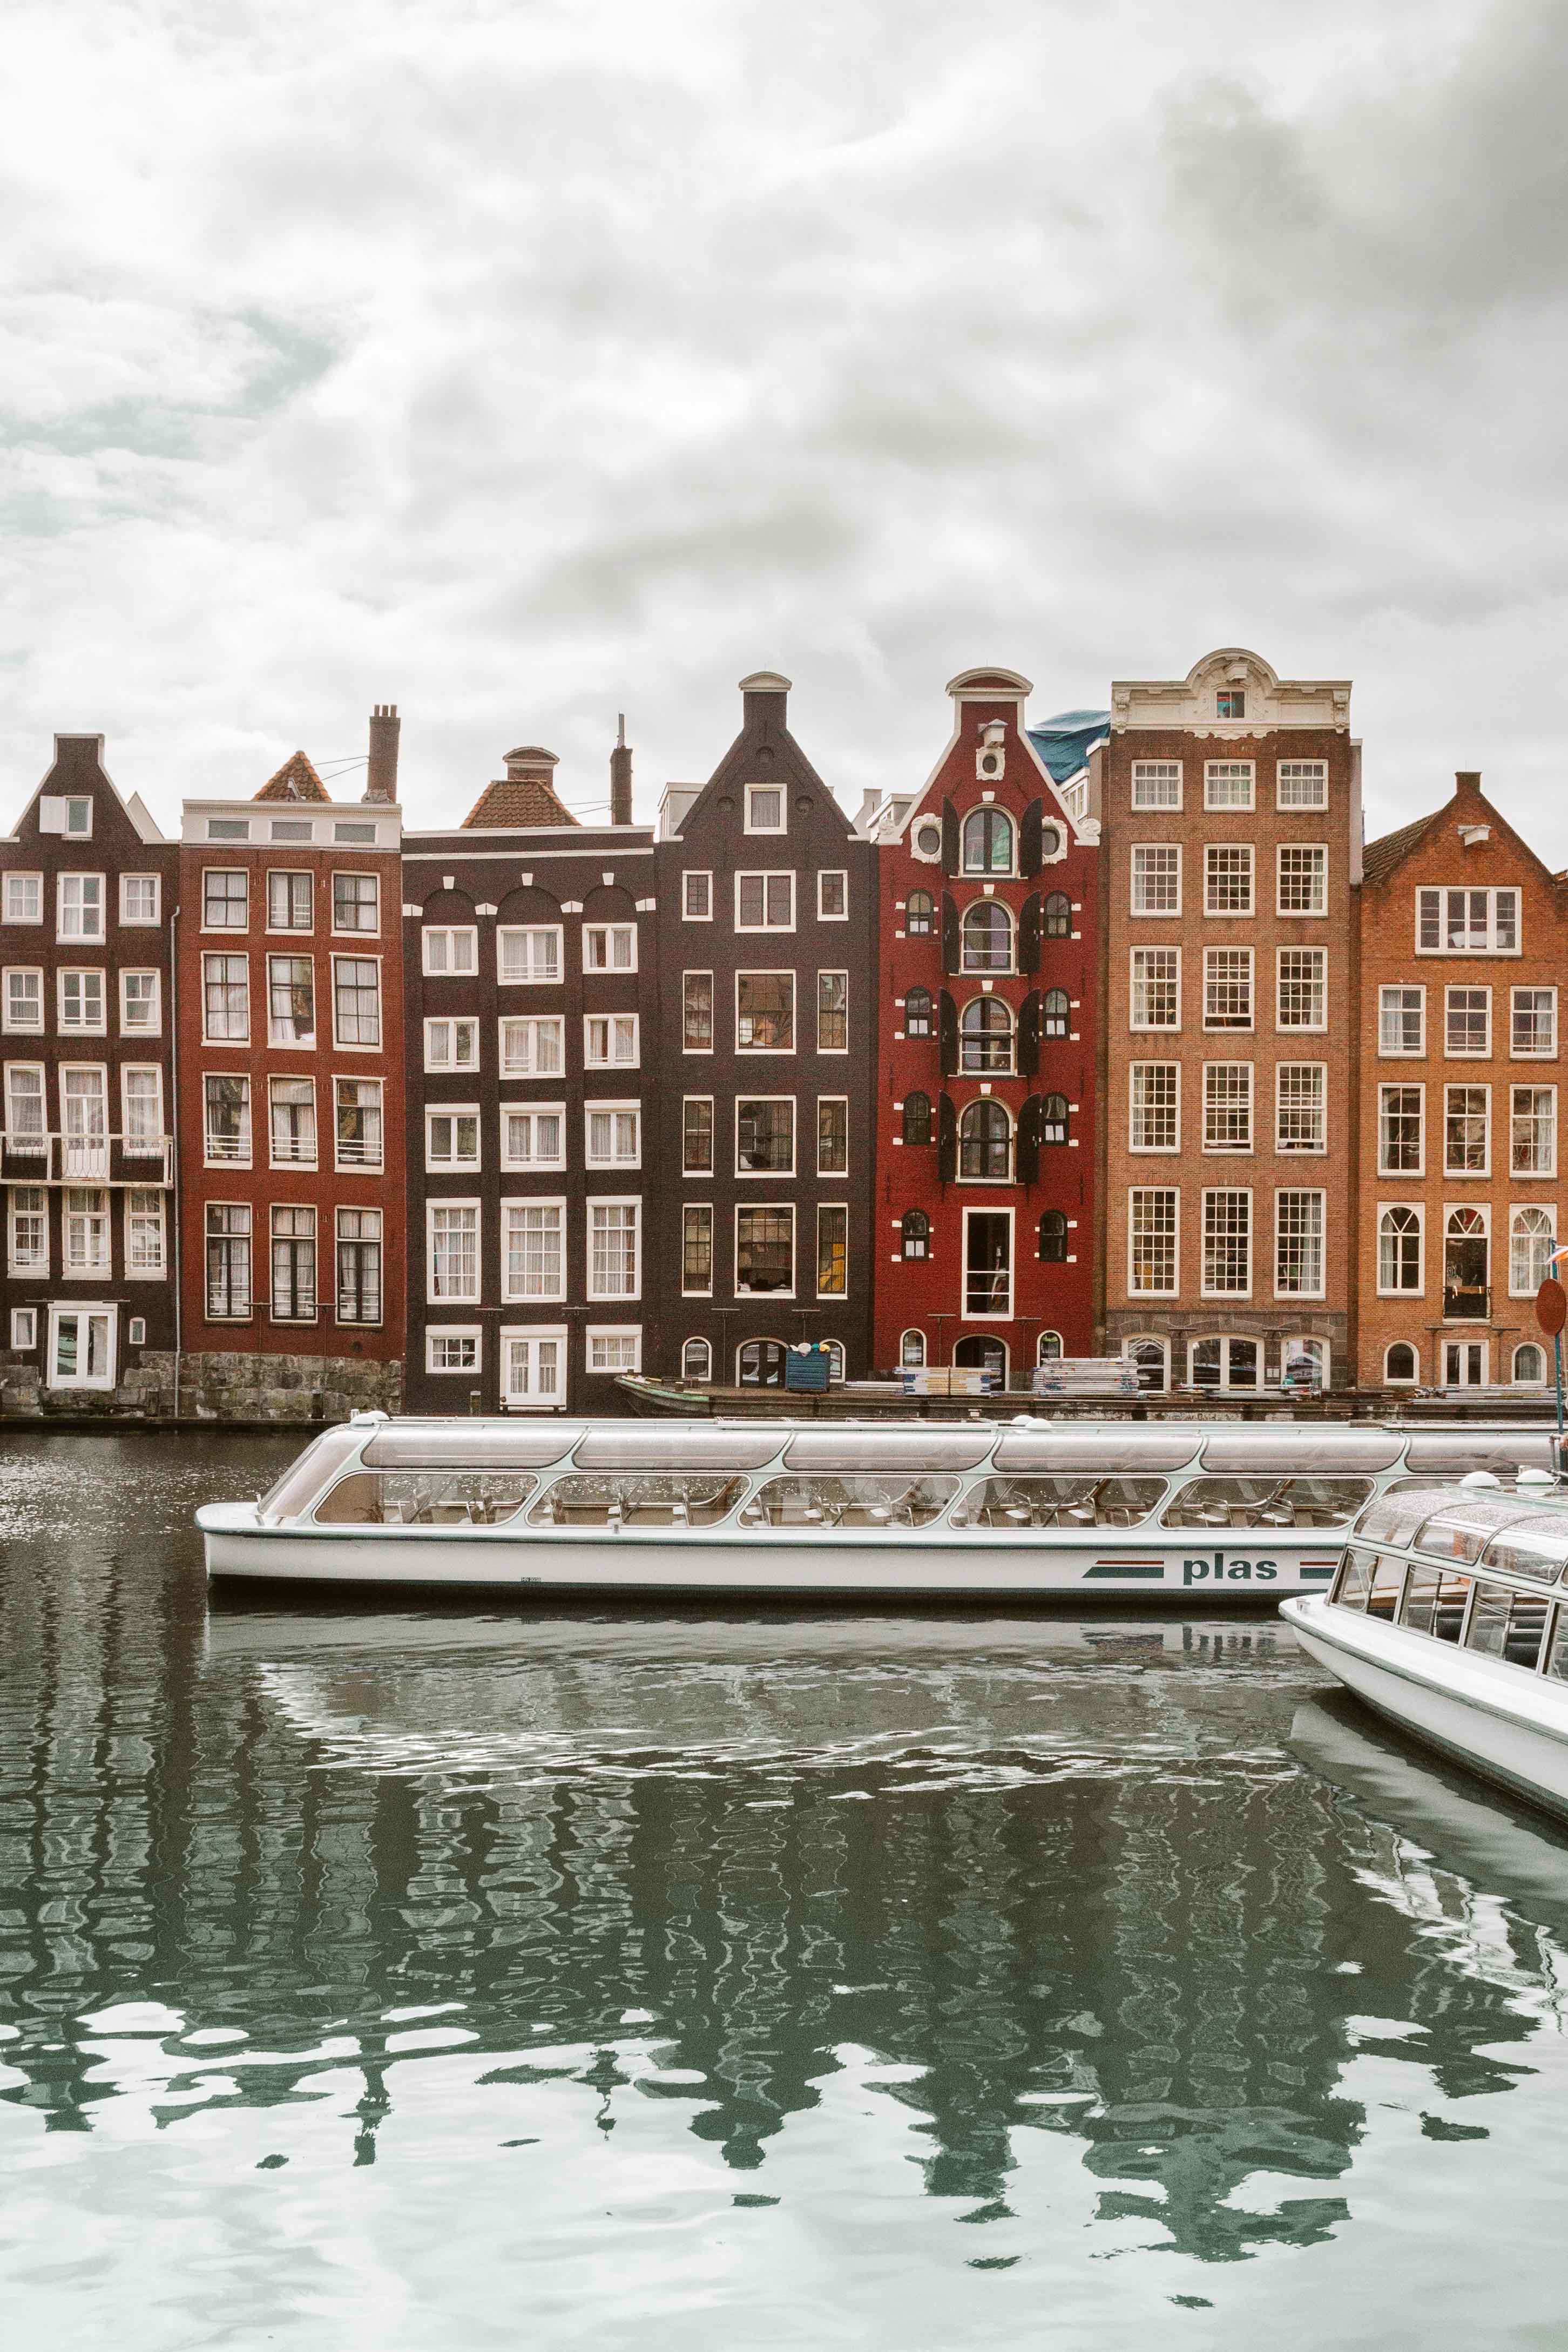 29 cose da vedere ad Amsterdam: le case più belle della città